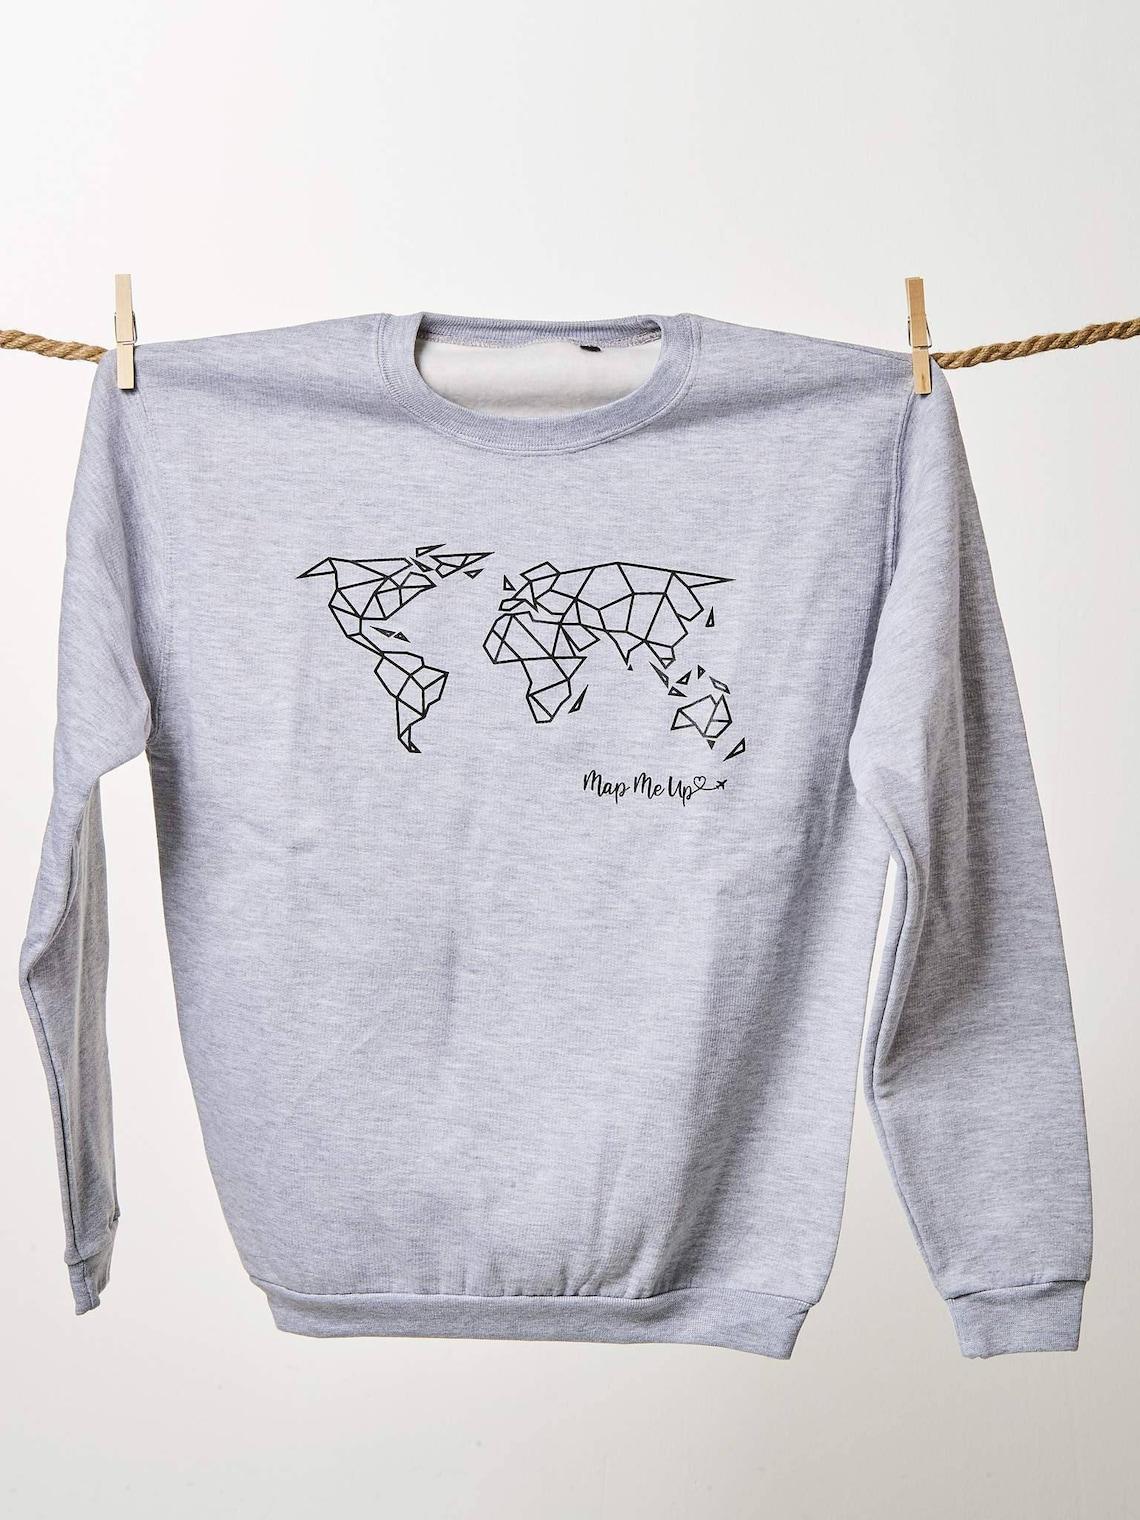 World Map Sweater.Geometric World Map Sweater Etsy